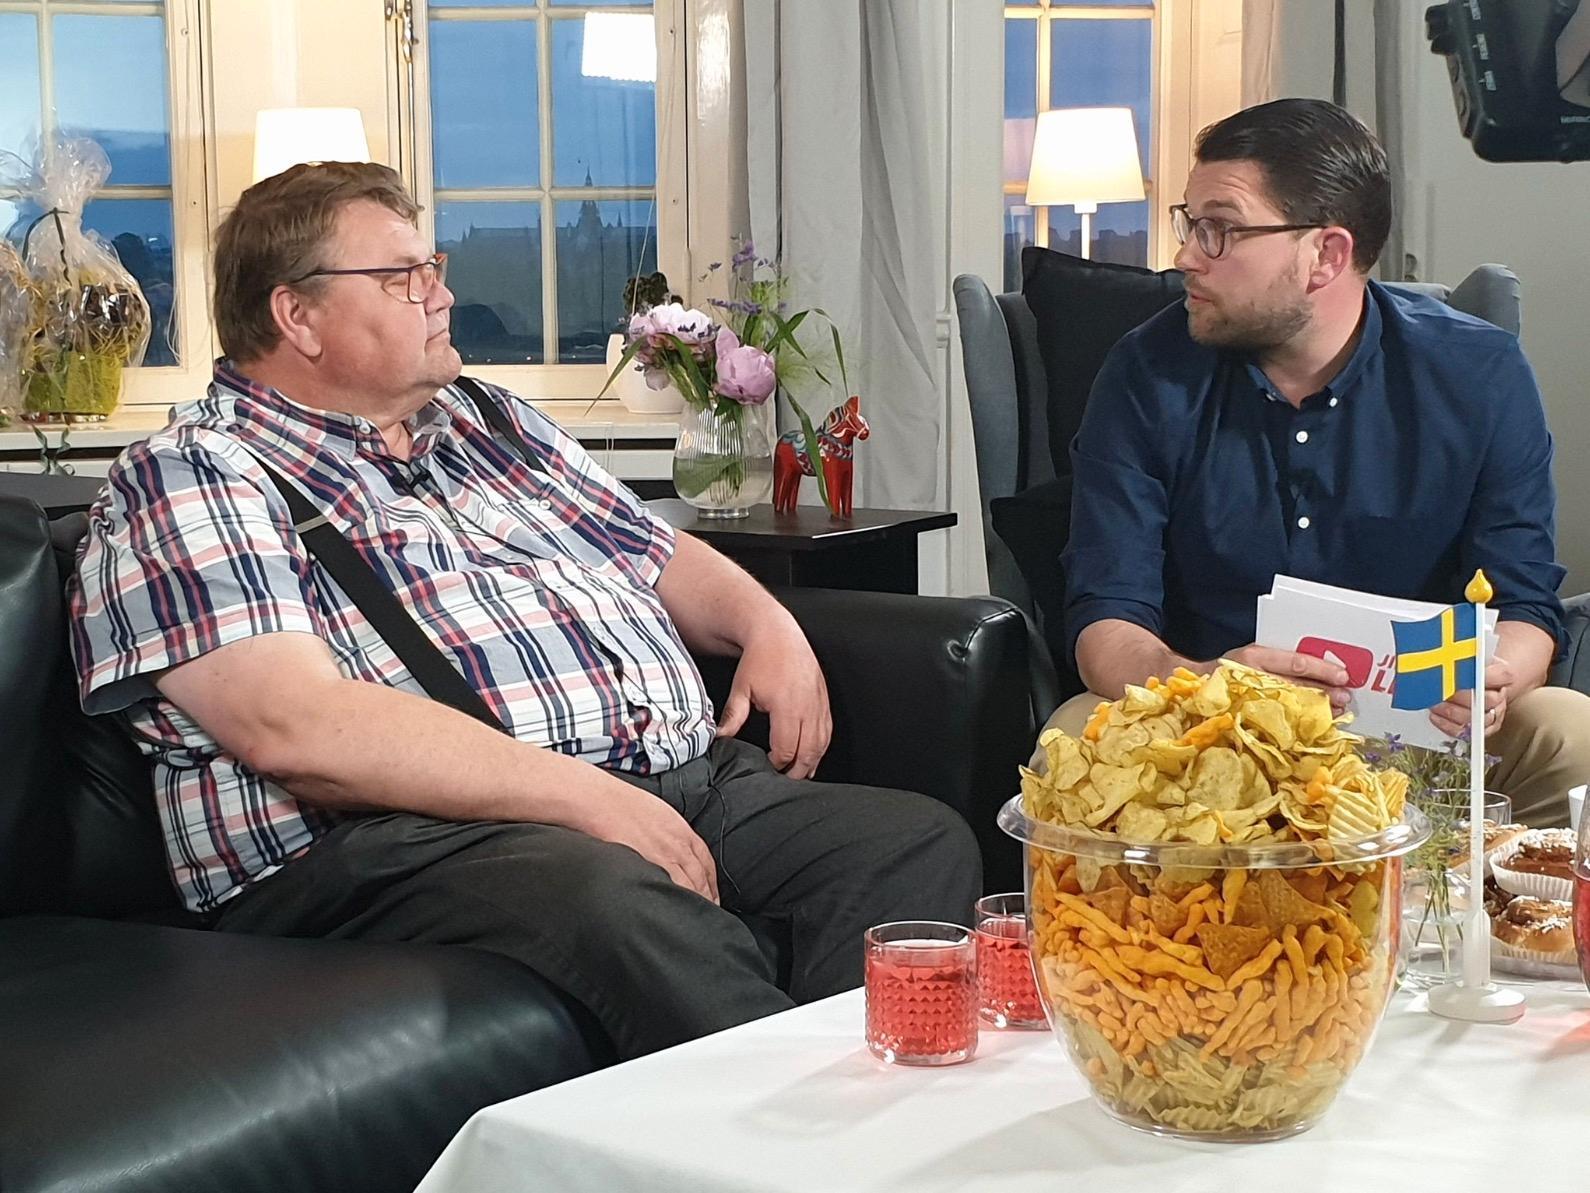 Jättemycket snacks i en jättestor skål. Två glas till Peter. Något inplastat i bakgrunden. SD:s jättesnackis förbryllar twitter-användare.